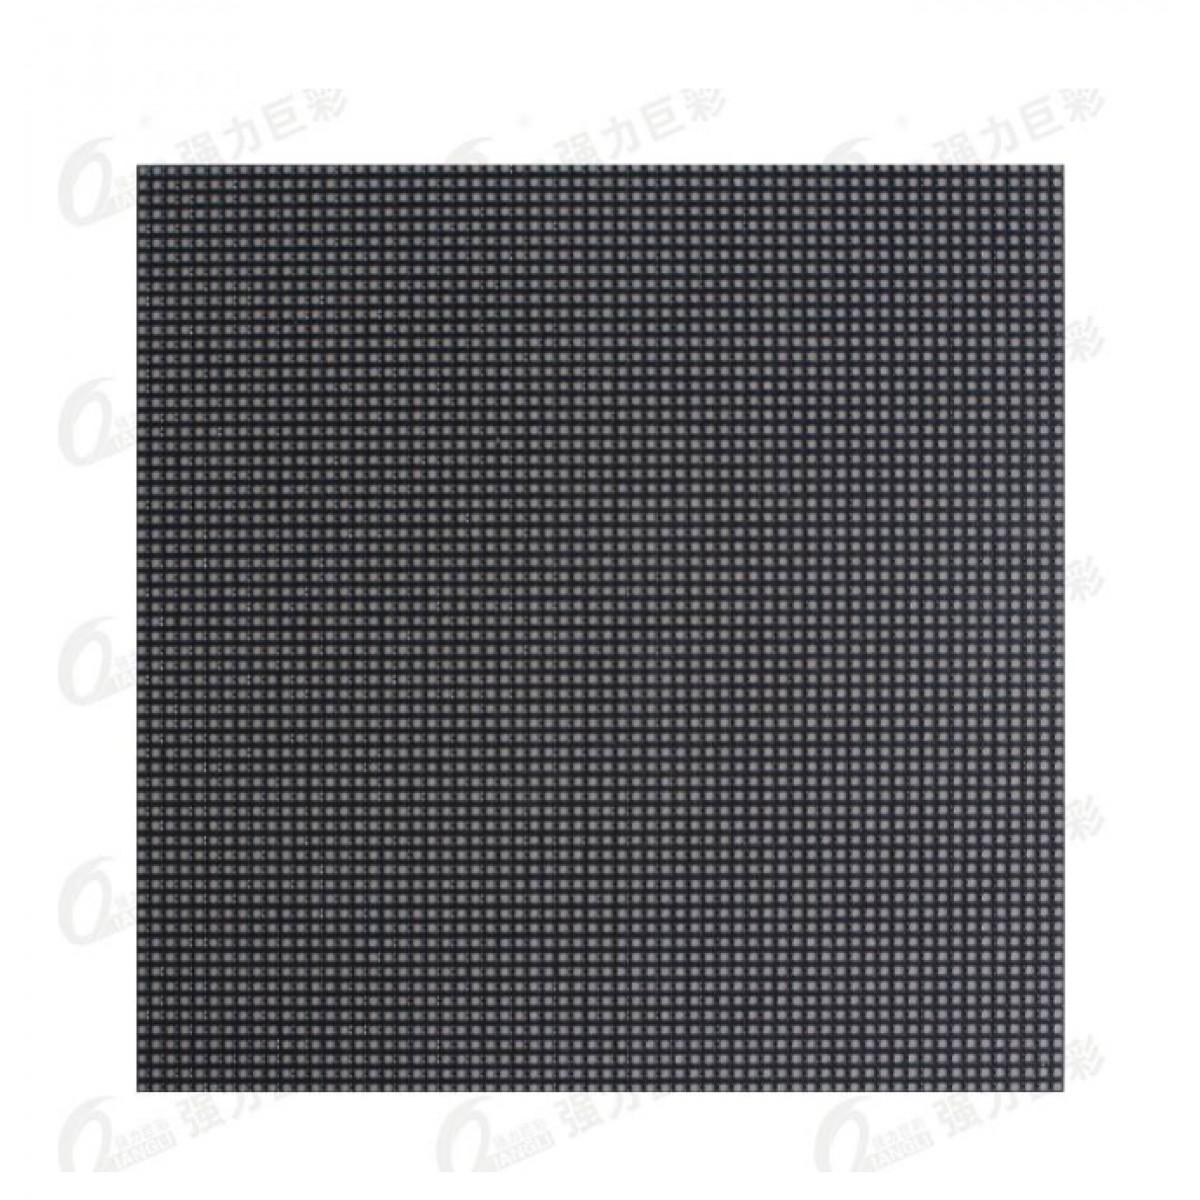 室内表贴全彩Q3-E单板分辨率64*64单板尺寸192*192扫描方式1/32